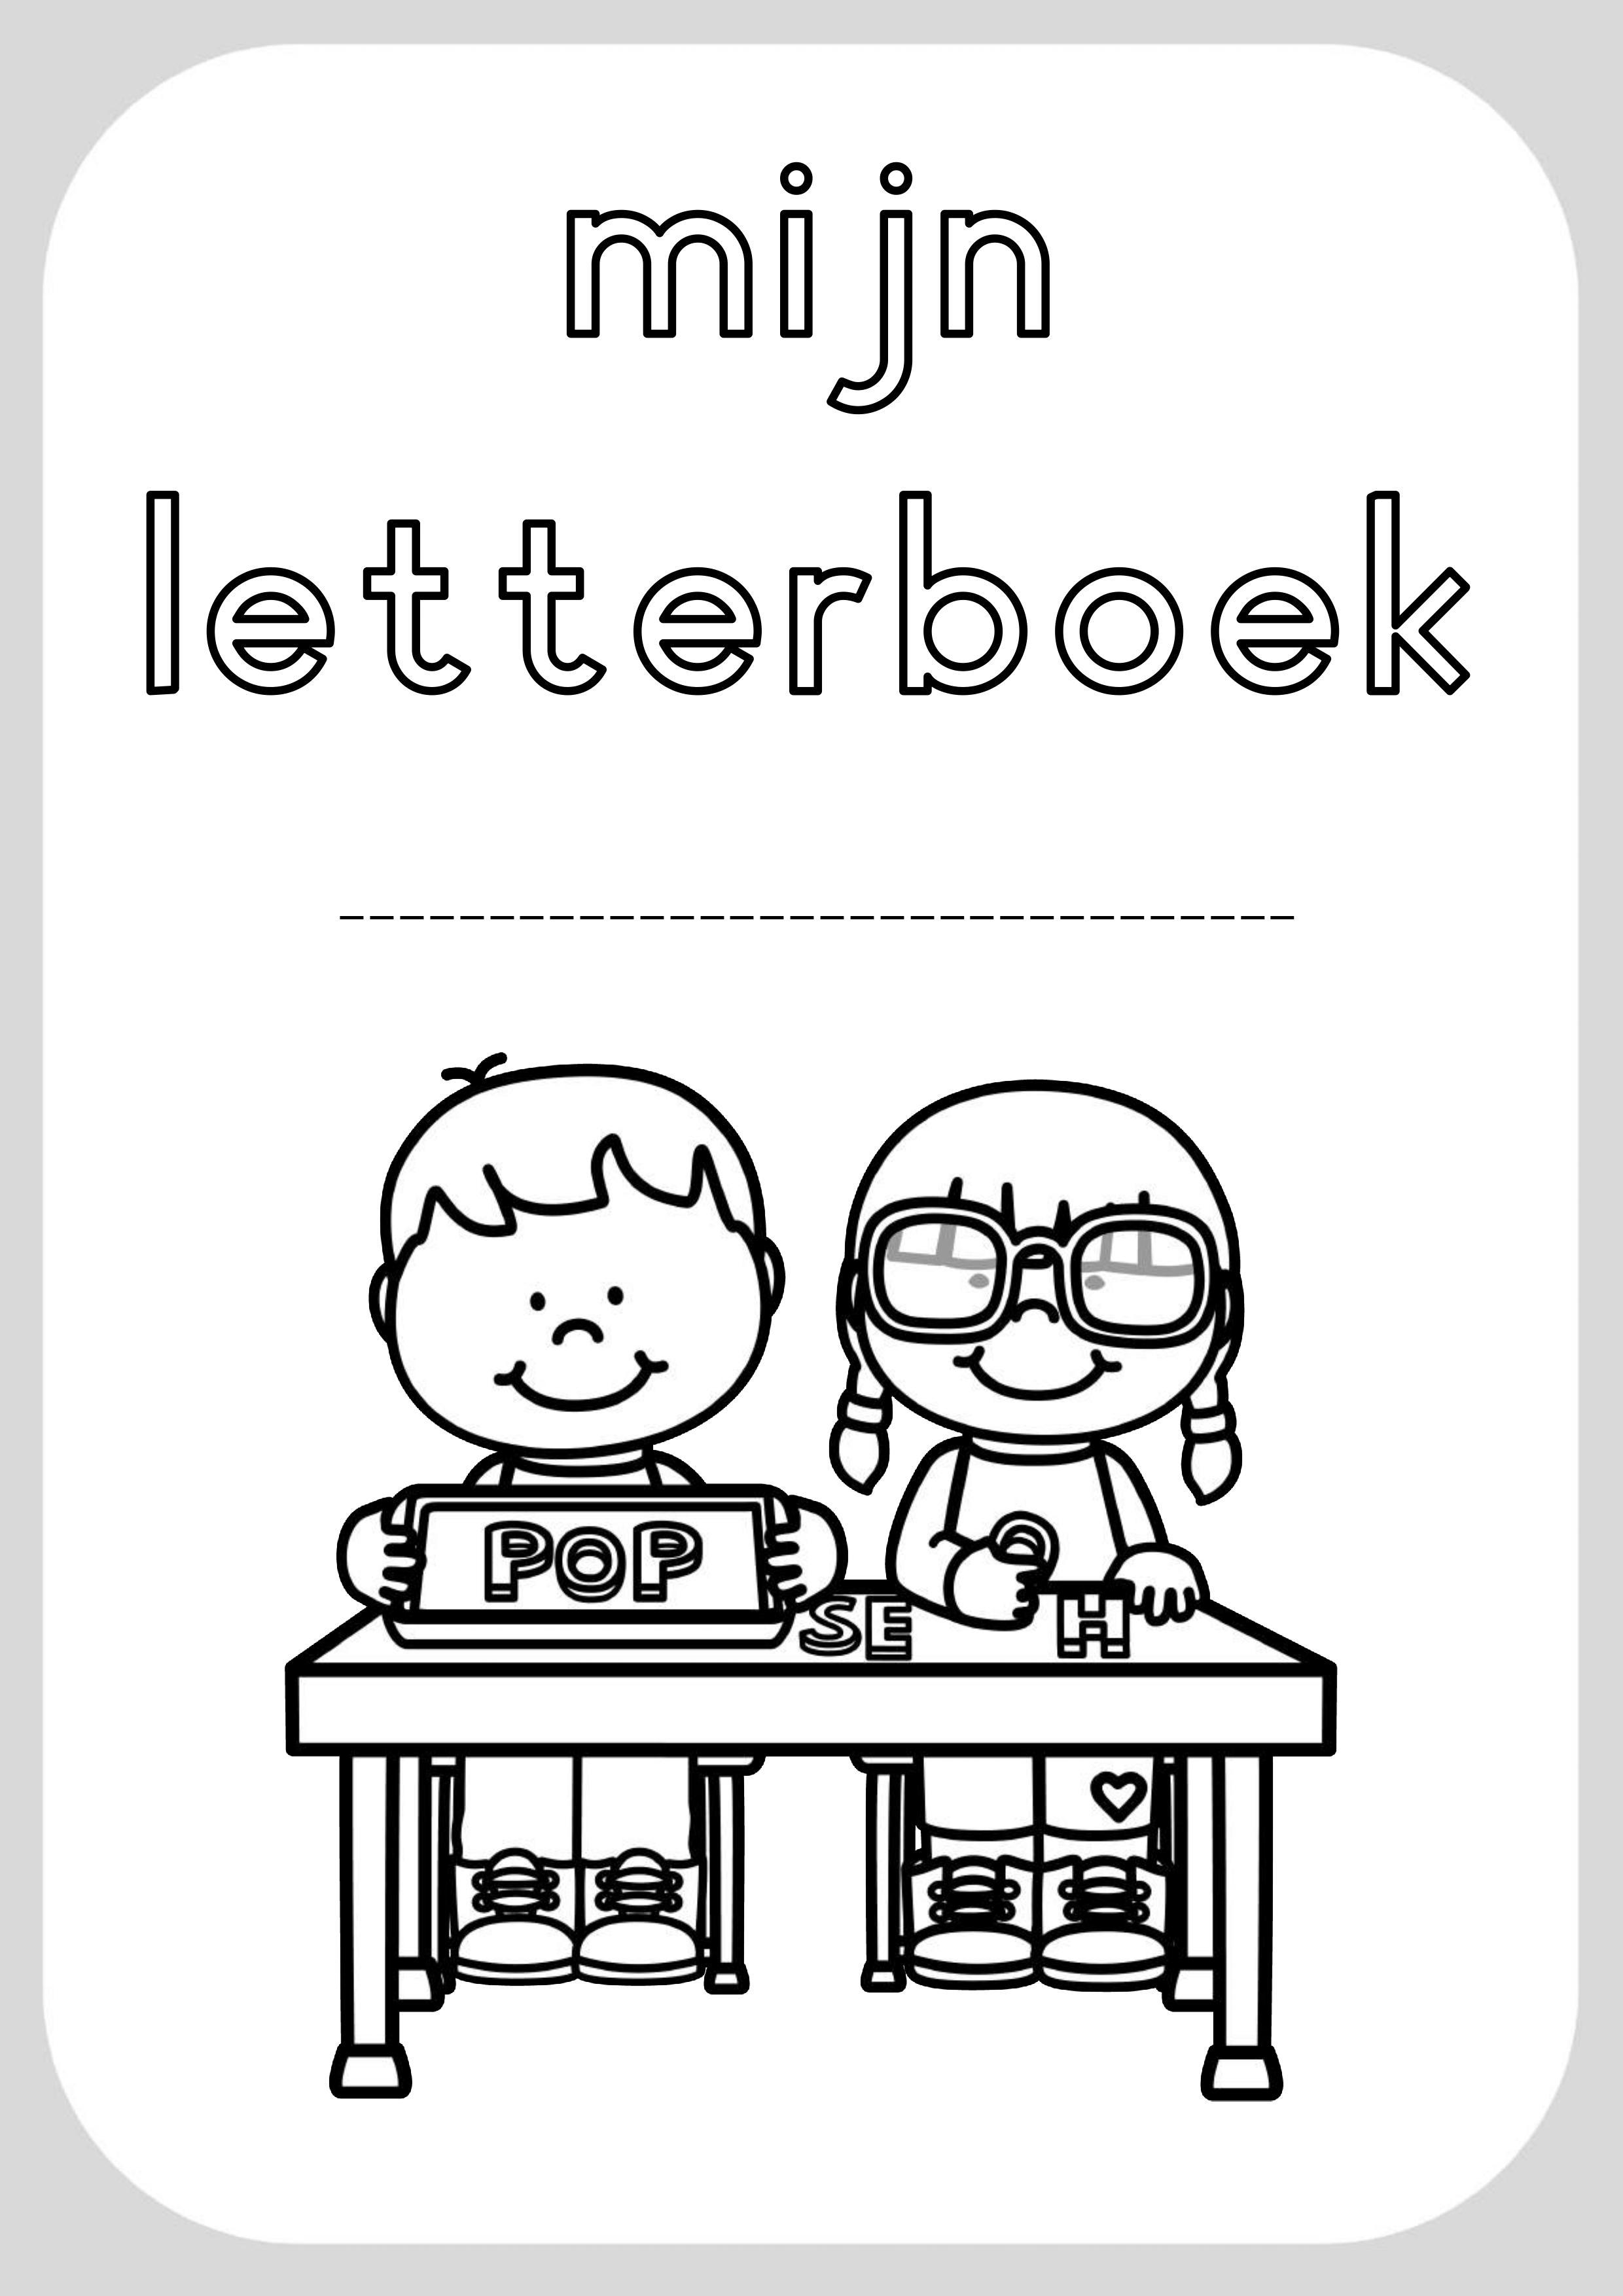 letterboek klas juf